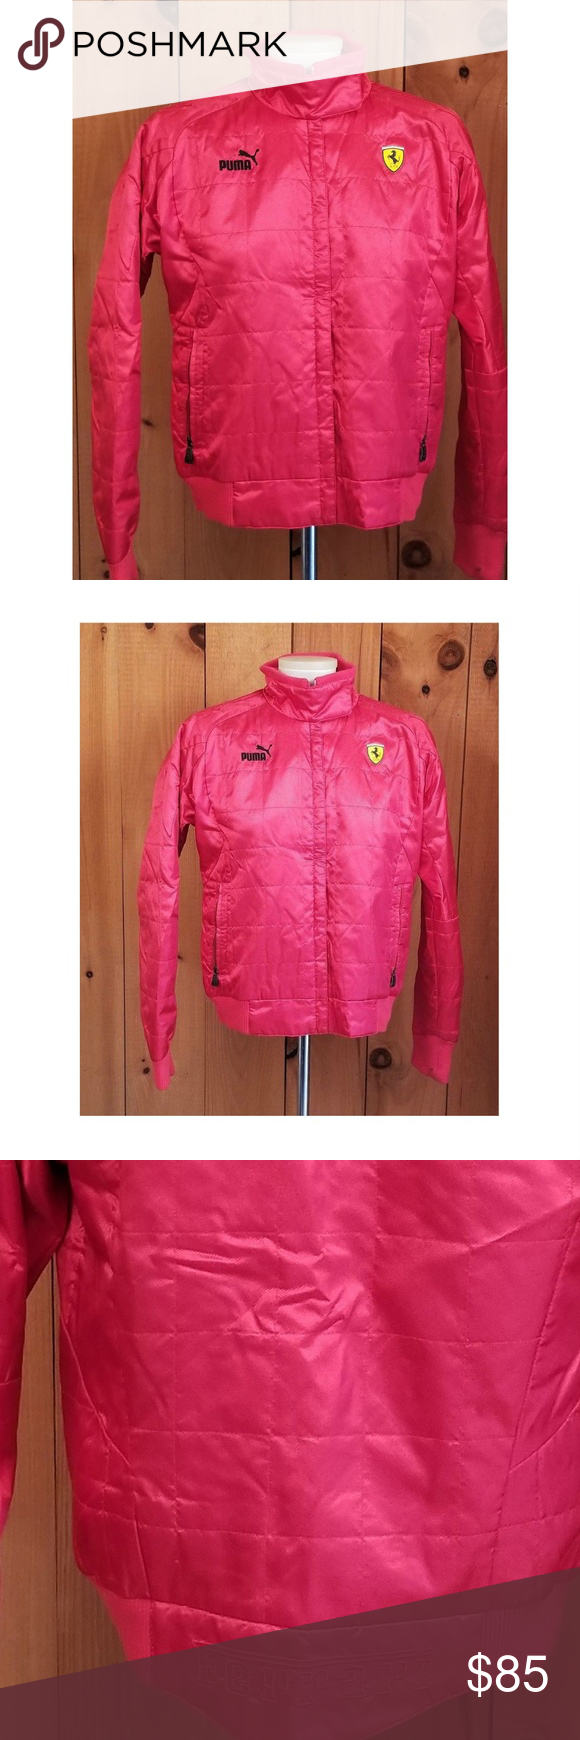 9d512540975c Ferrari Puma Women s Zip Up Jacket Size Medium FERRARI PUMA Red Quilted  Sponsor Zip Up Jacket Women s Medium polyester blend